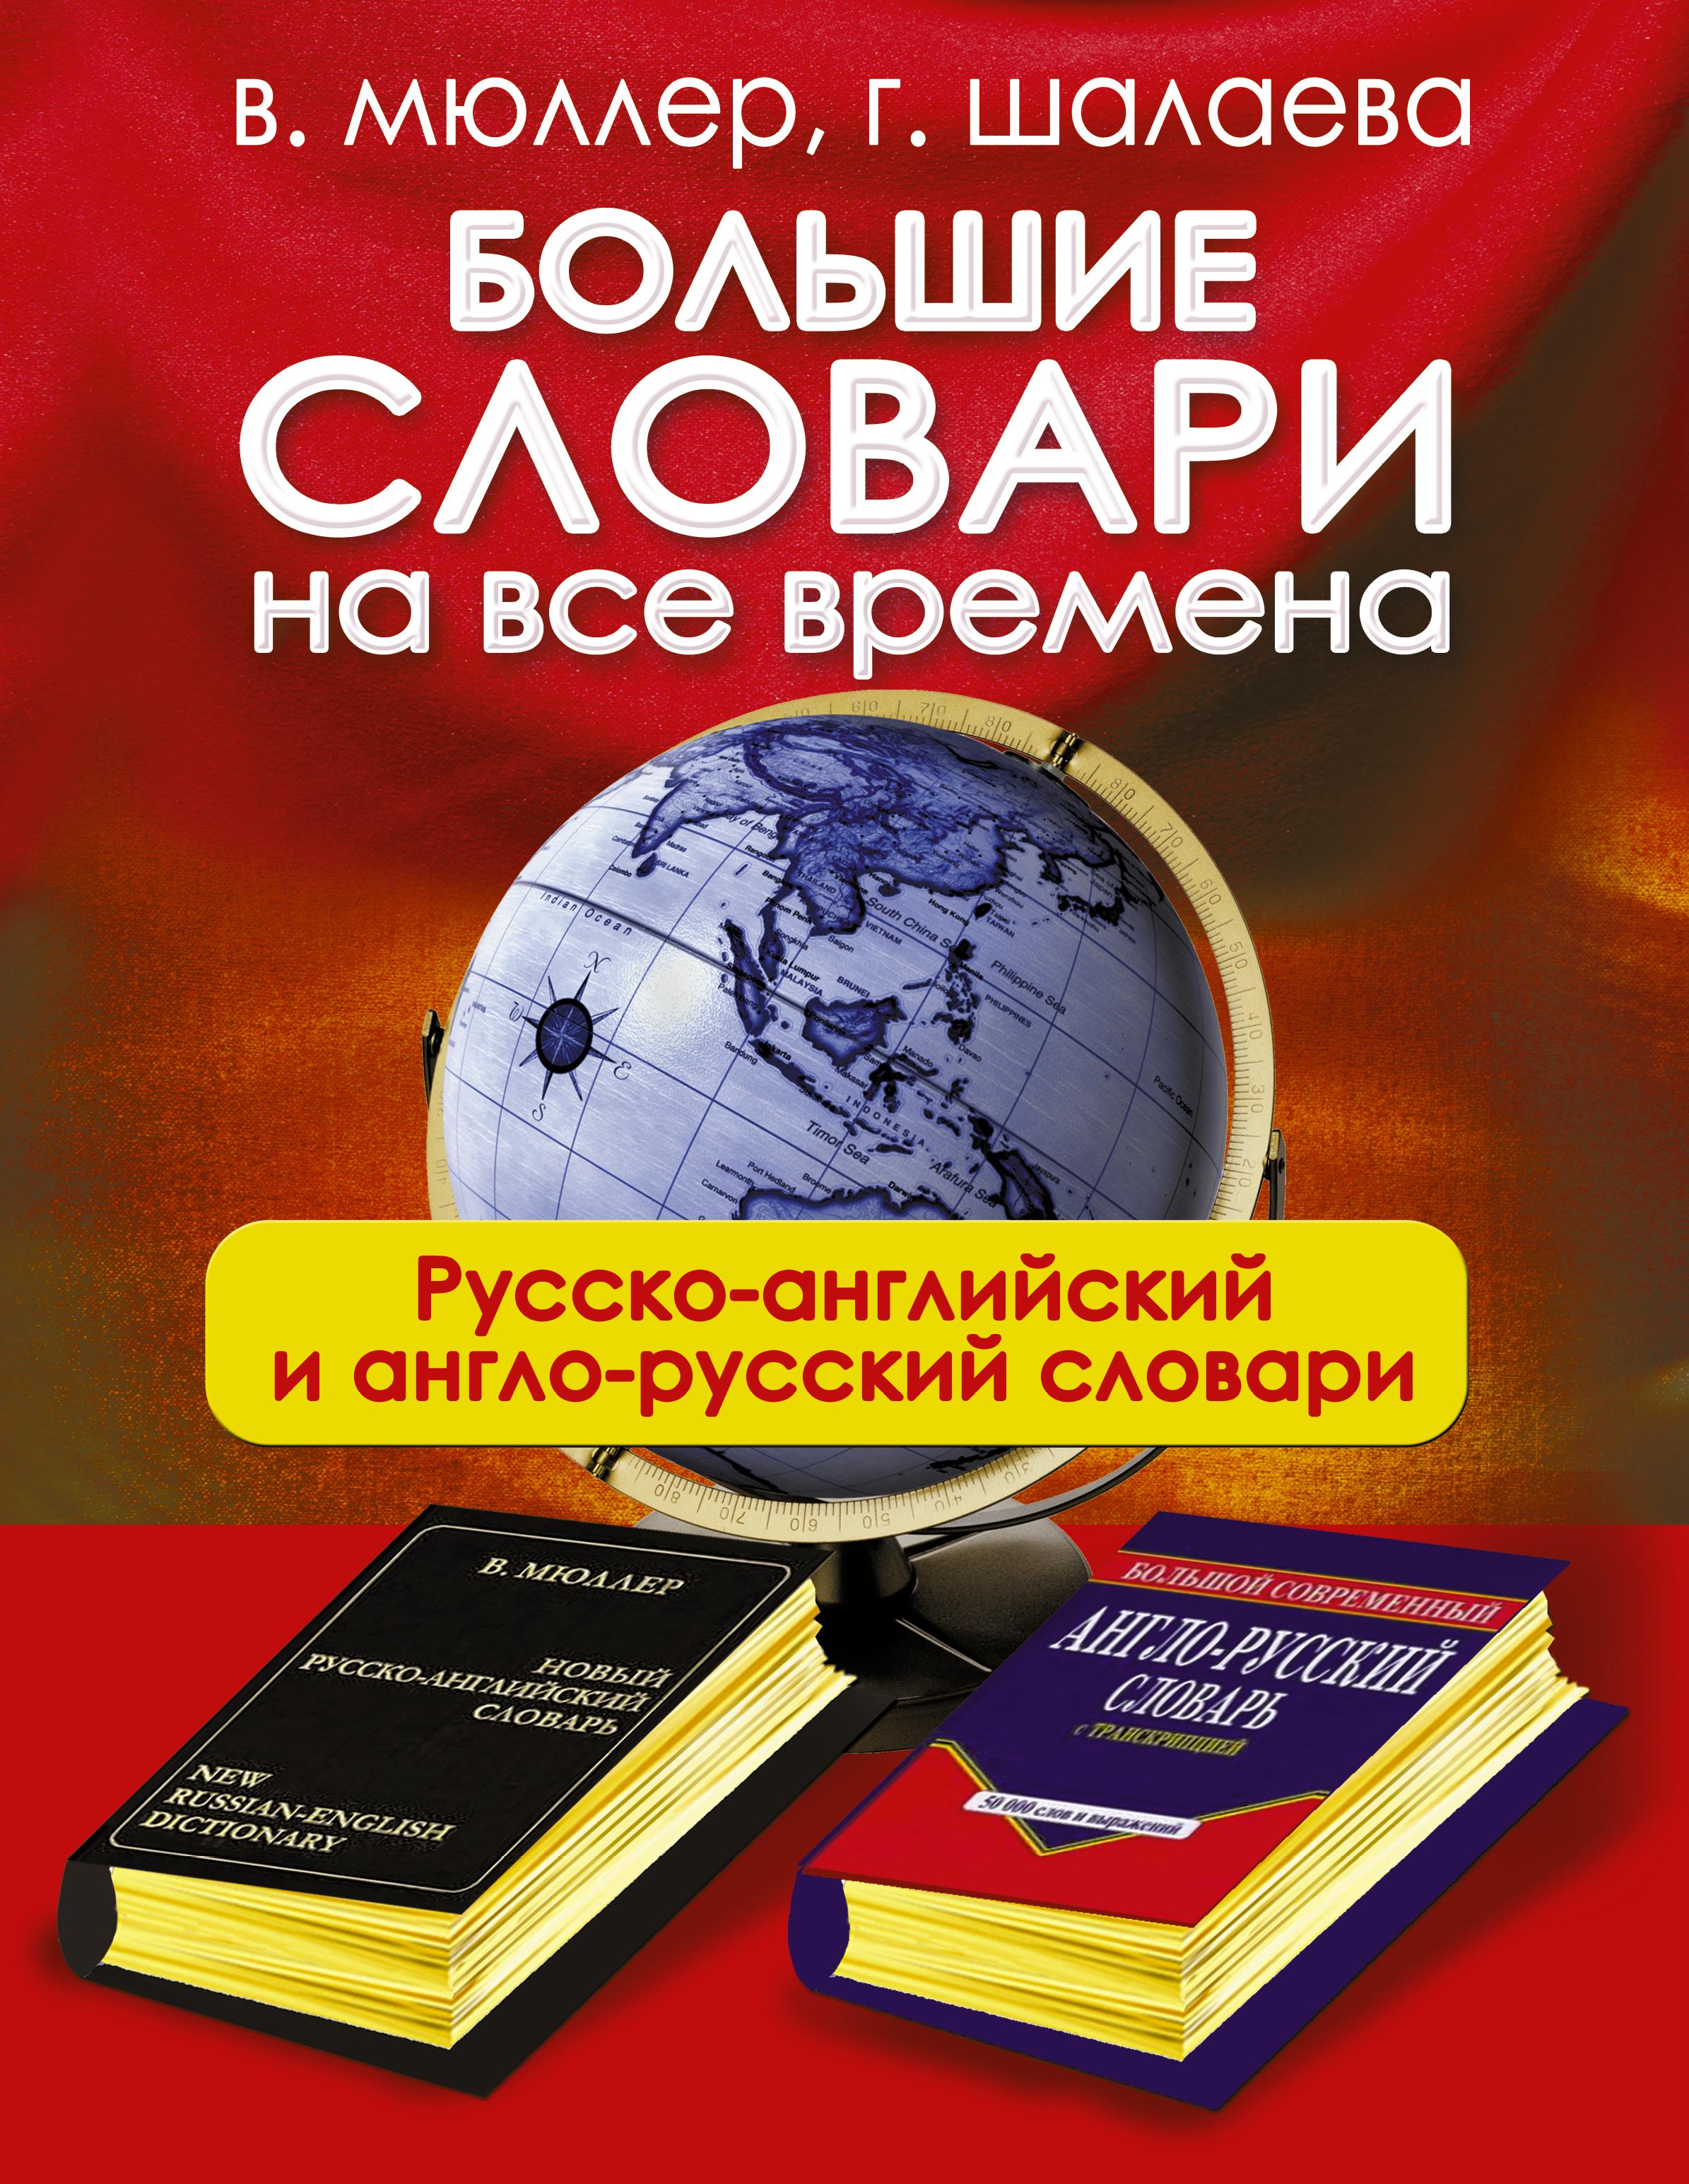 Мюллер В.К.,Шалаева Г.П. Большие словари на все времена. Русско-английский англо-русский словари the constant nymph